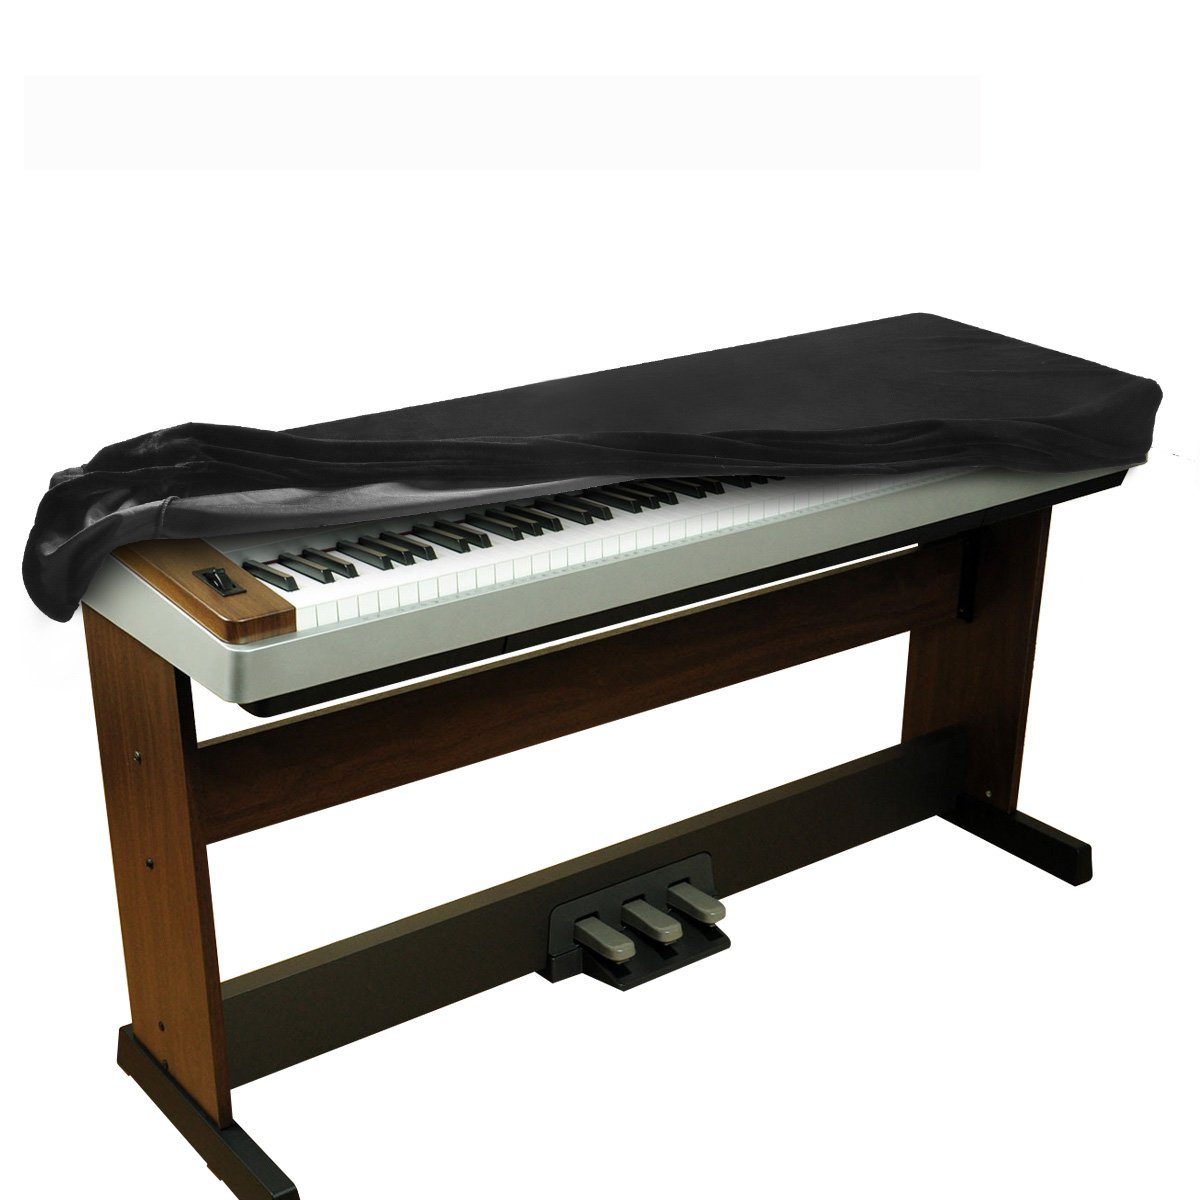 Cubierta estirable del terciopelo libre de polvos para el piano con teclas